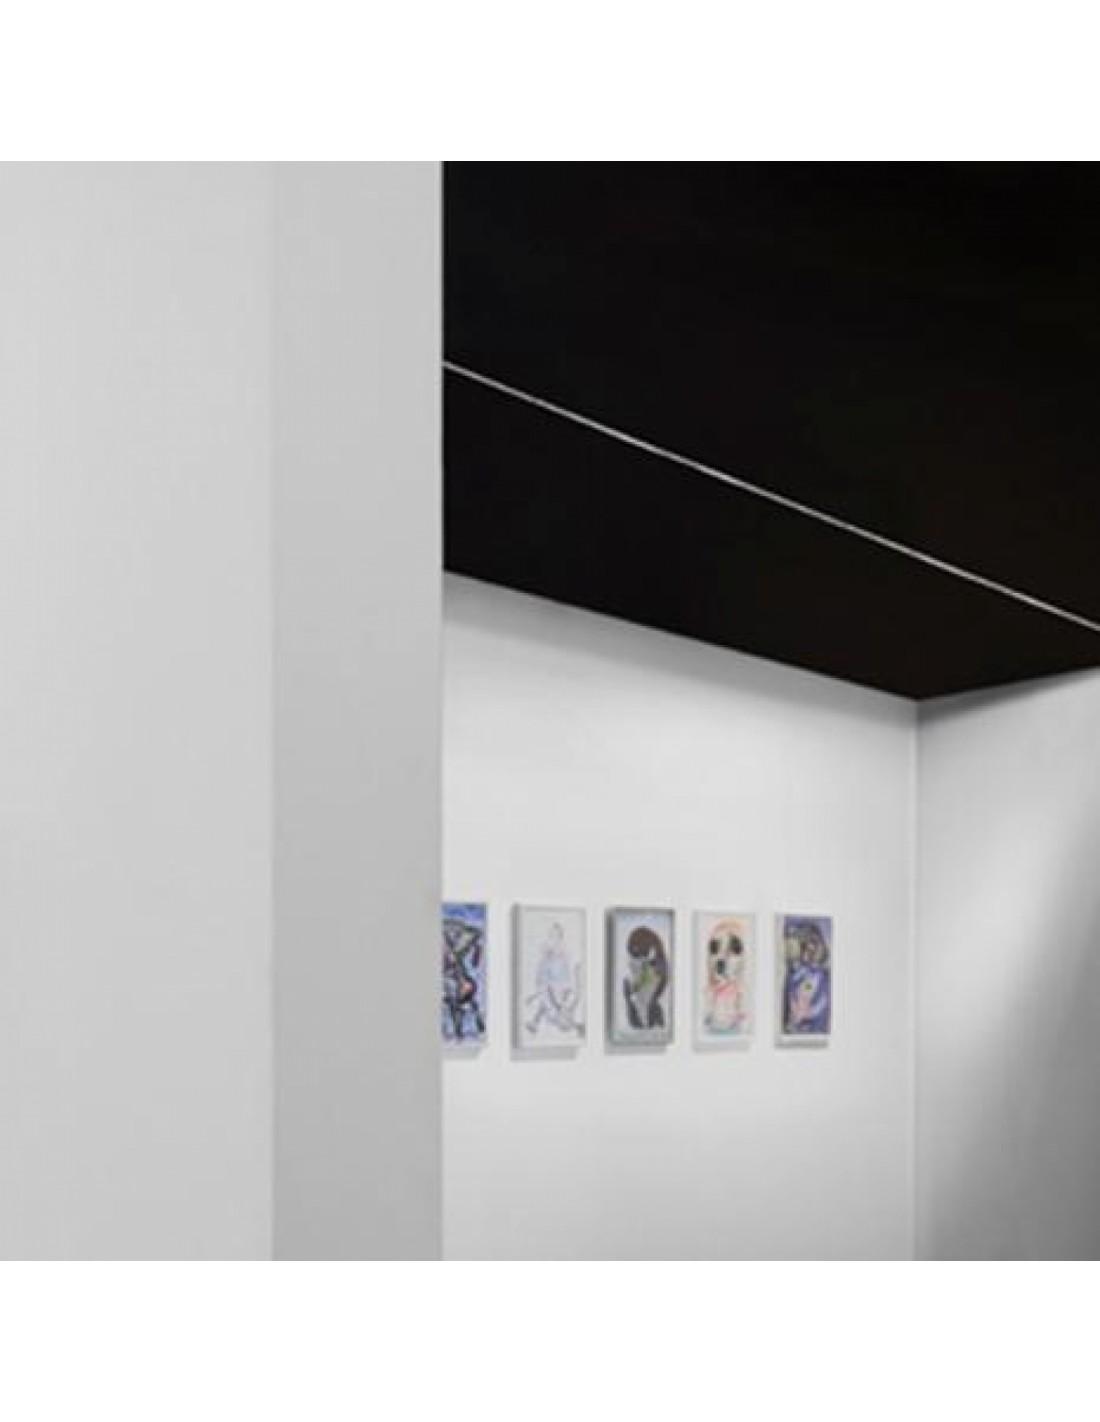 Luminaire encastré Profilé REI de la marque Kreon éclairage